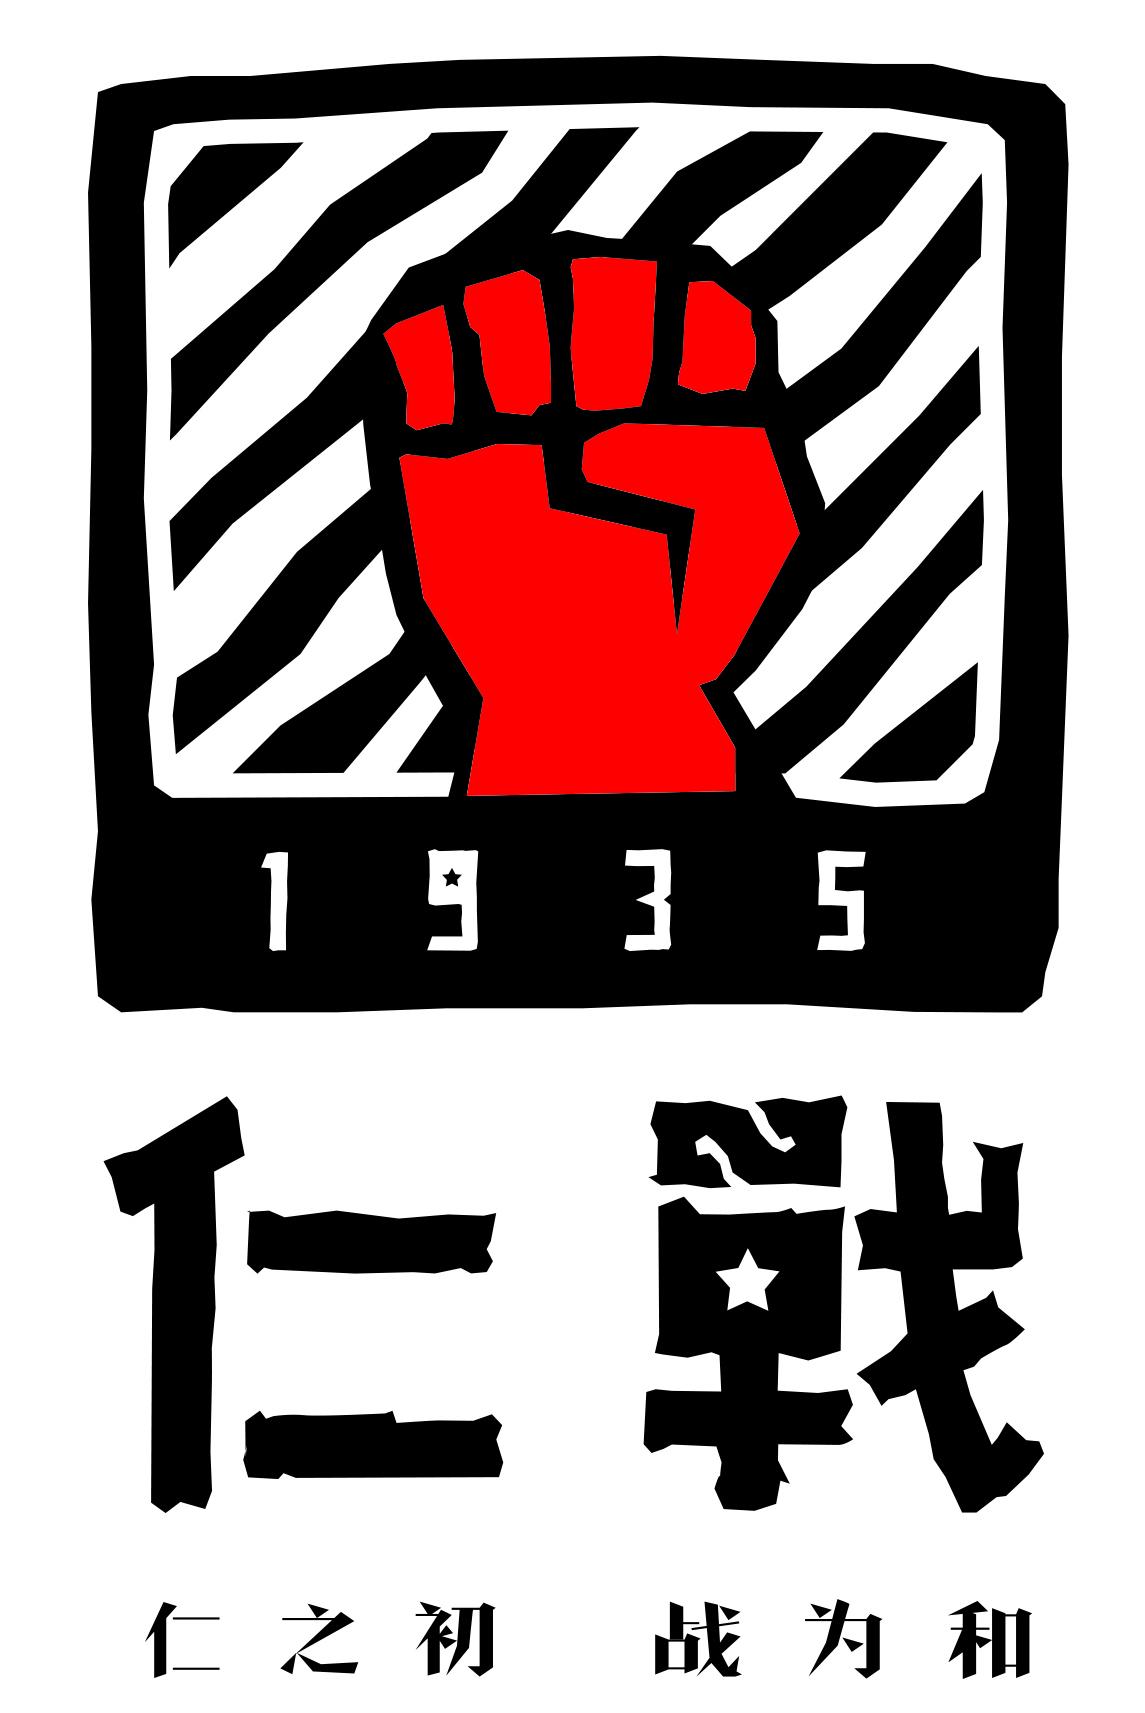 中国百强县出炉——仁战酒所属地成贵州唯一